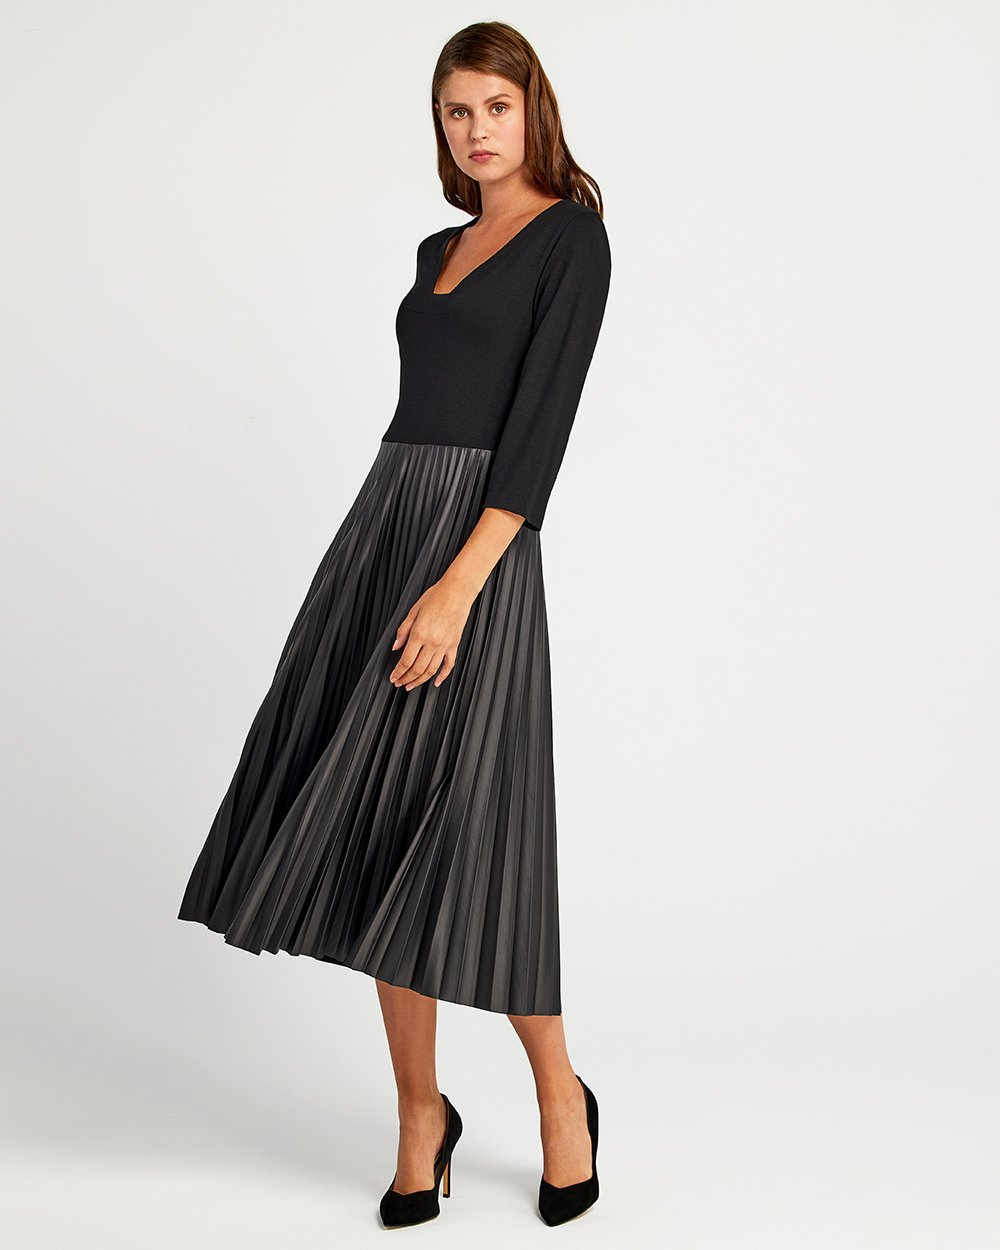 Φόρεμα με φούστα πλισέ δερματίνη